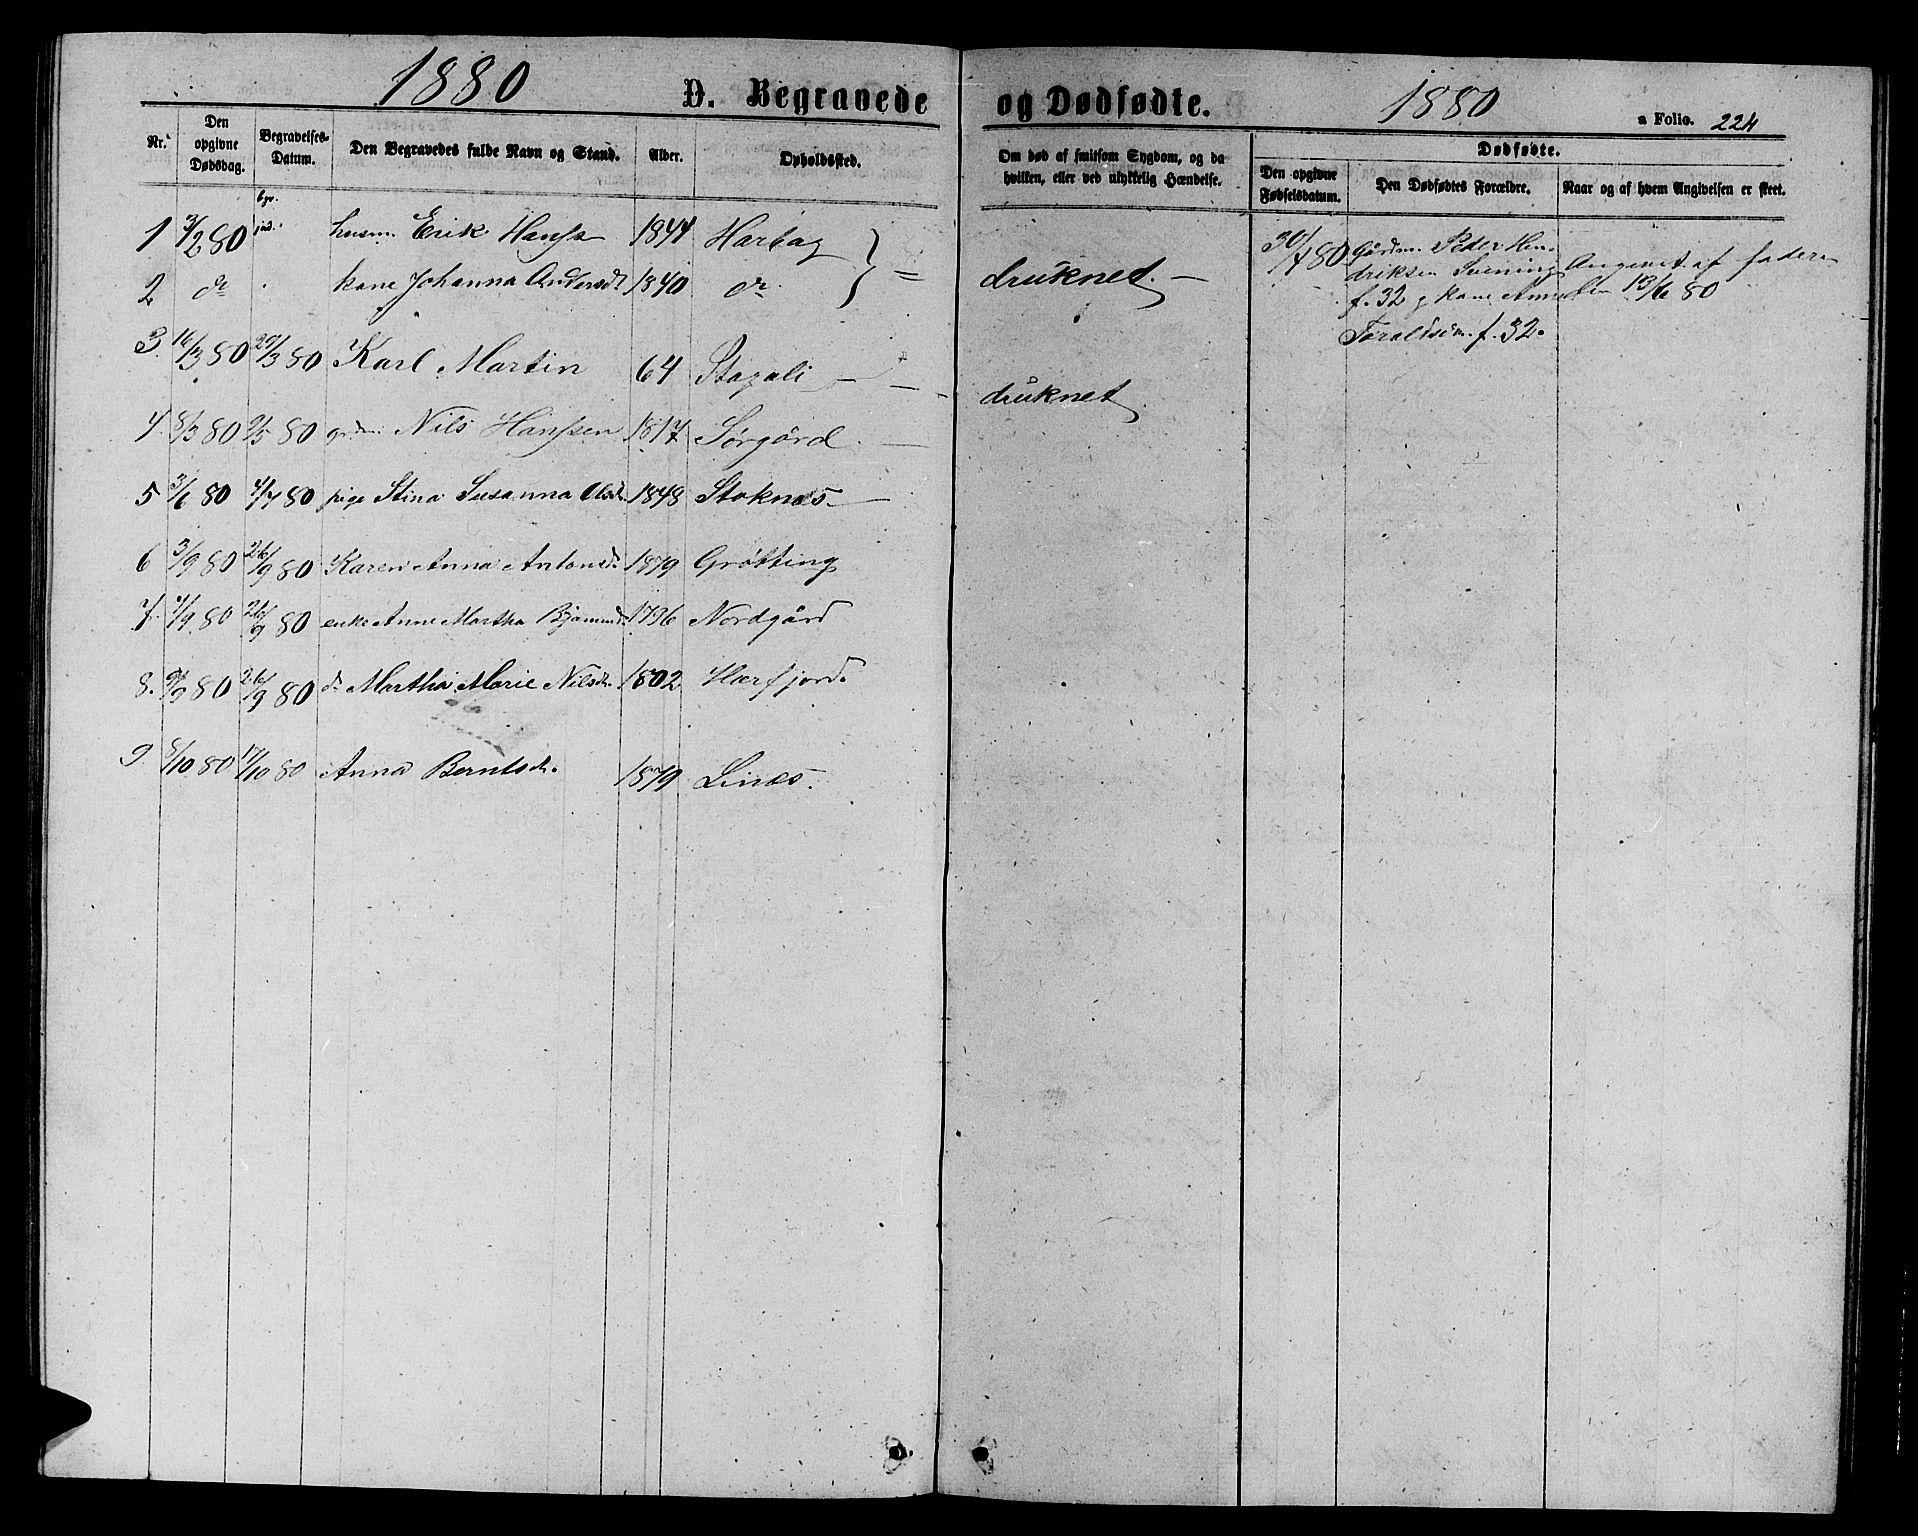 SAT, Ministerialprotokoller, klokkerbøker og fødselsregistre - Sør-Trøndelag, 656/L0695: Klokkerbok nr. 656C01, 1867-1889, s. 224